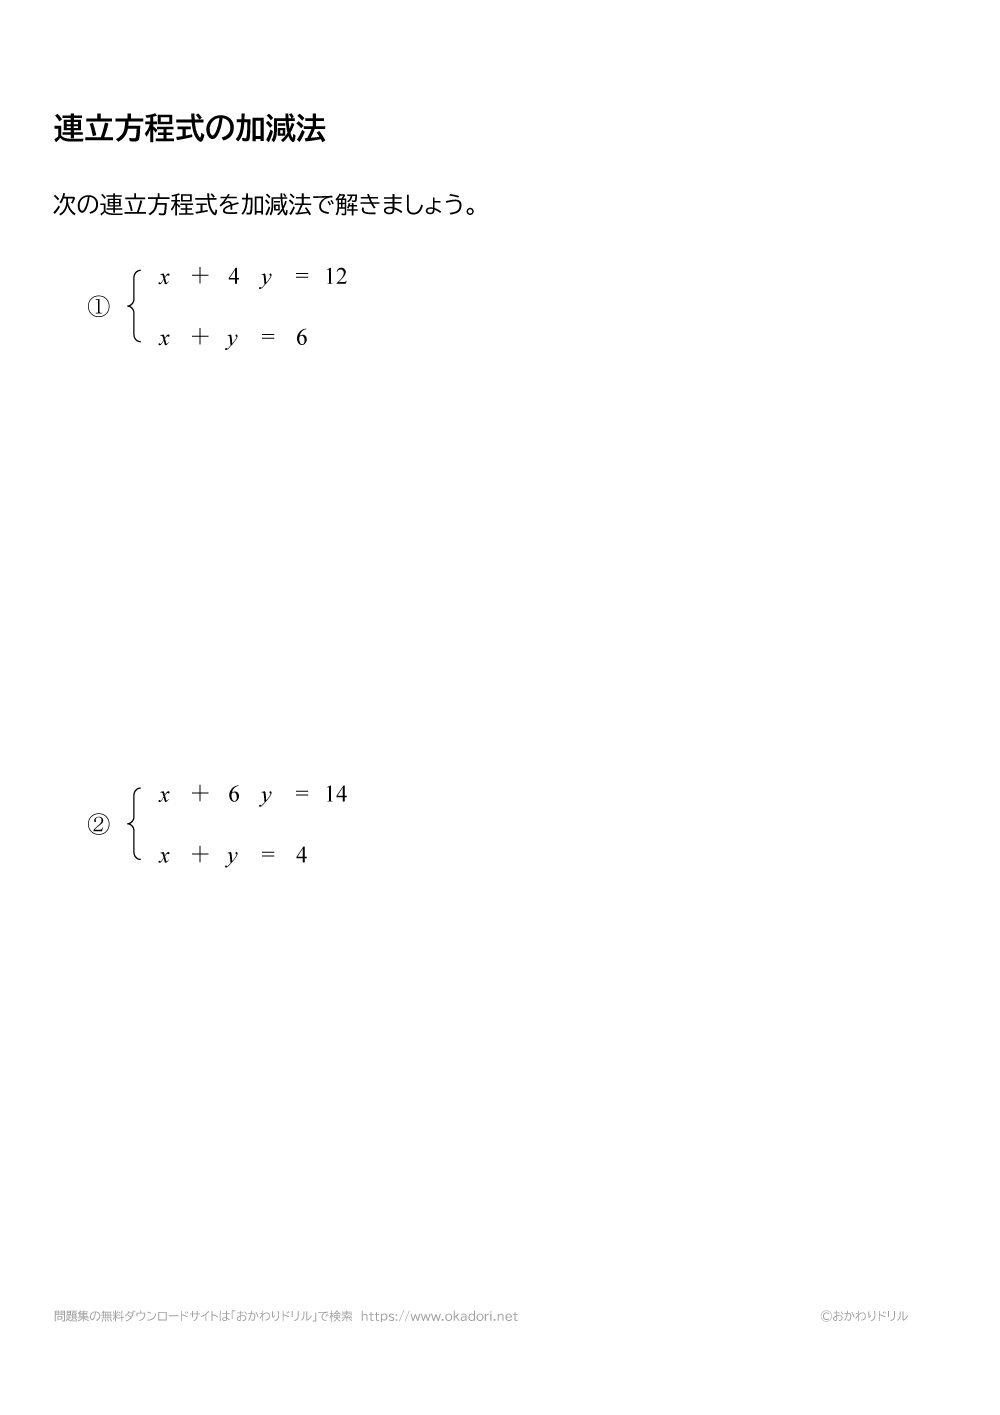 連立方程式を加減法で解くの問題と答え2